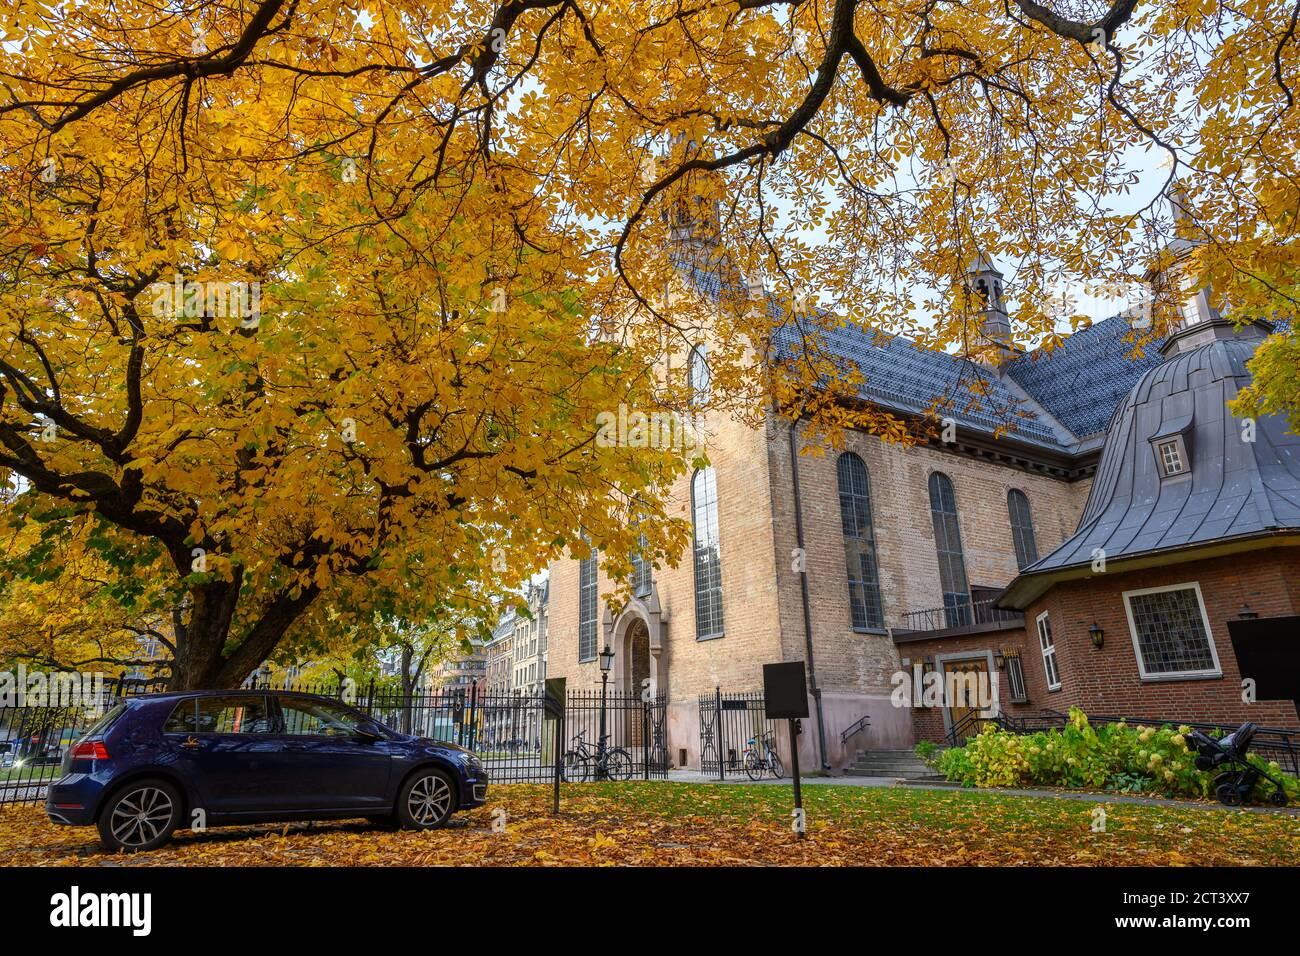 Un coche estacionado bajo un árbol en el patio de la Catedral de Oslo en el otoño los árboles en el jardín de las hojas se vuelven de color amarillo y naranja. Foto de stock